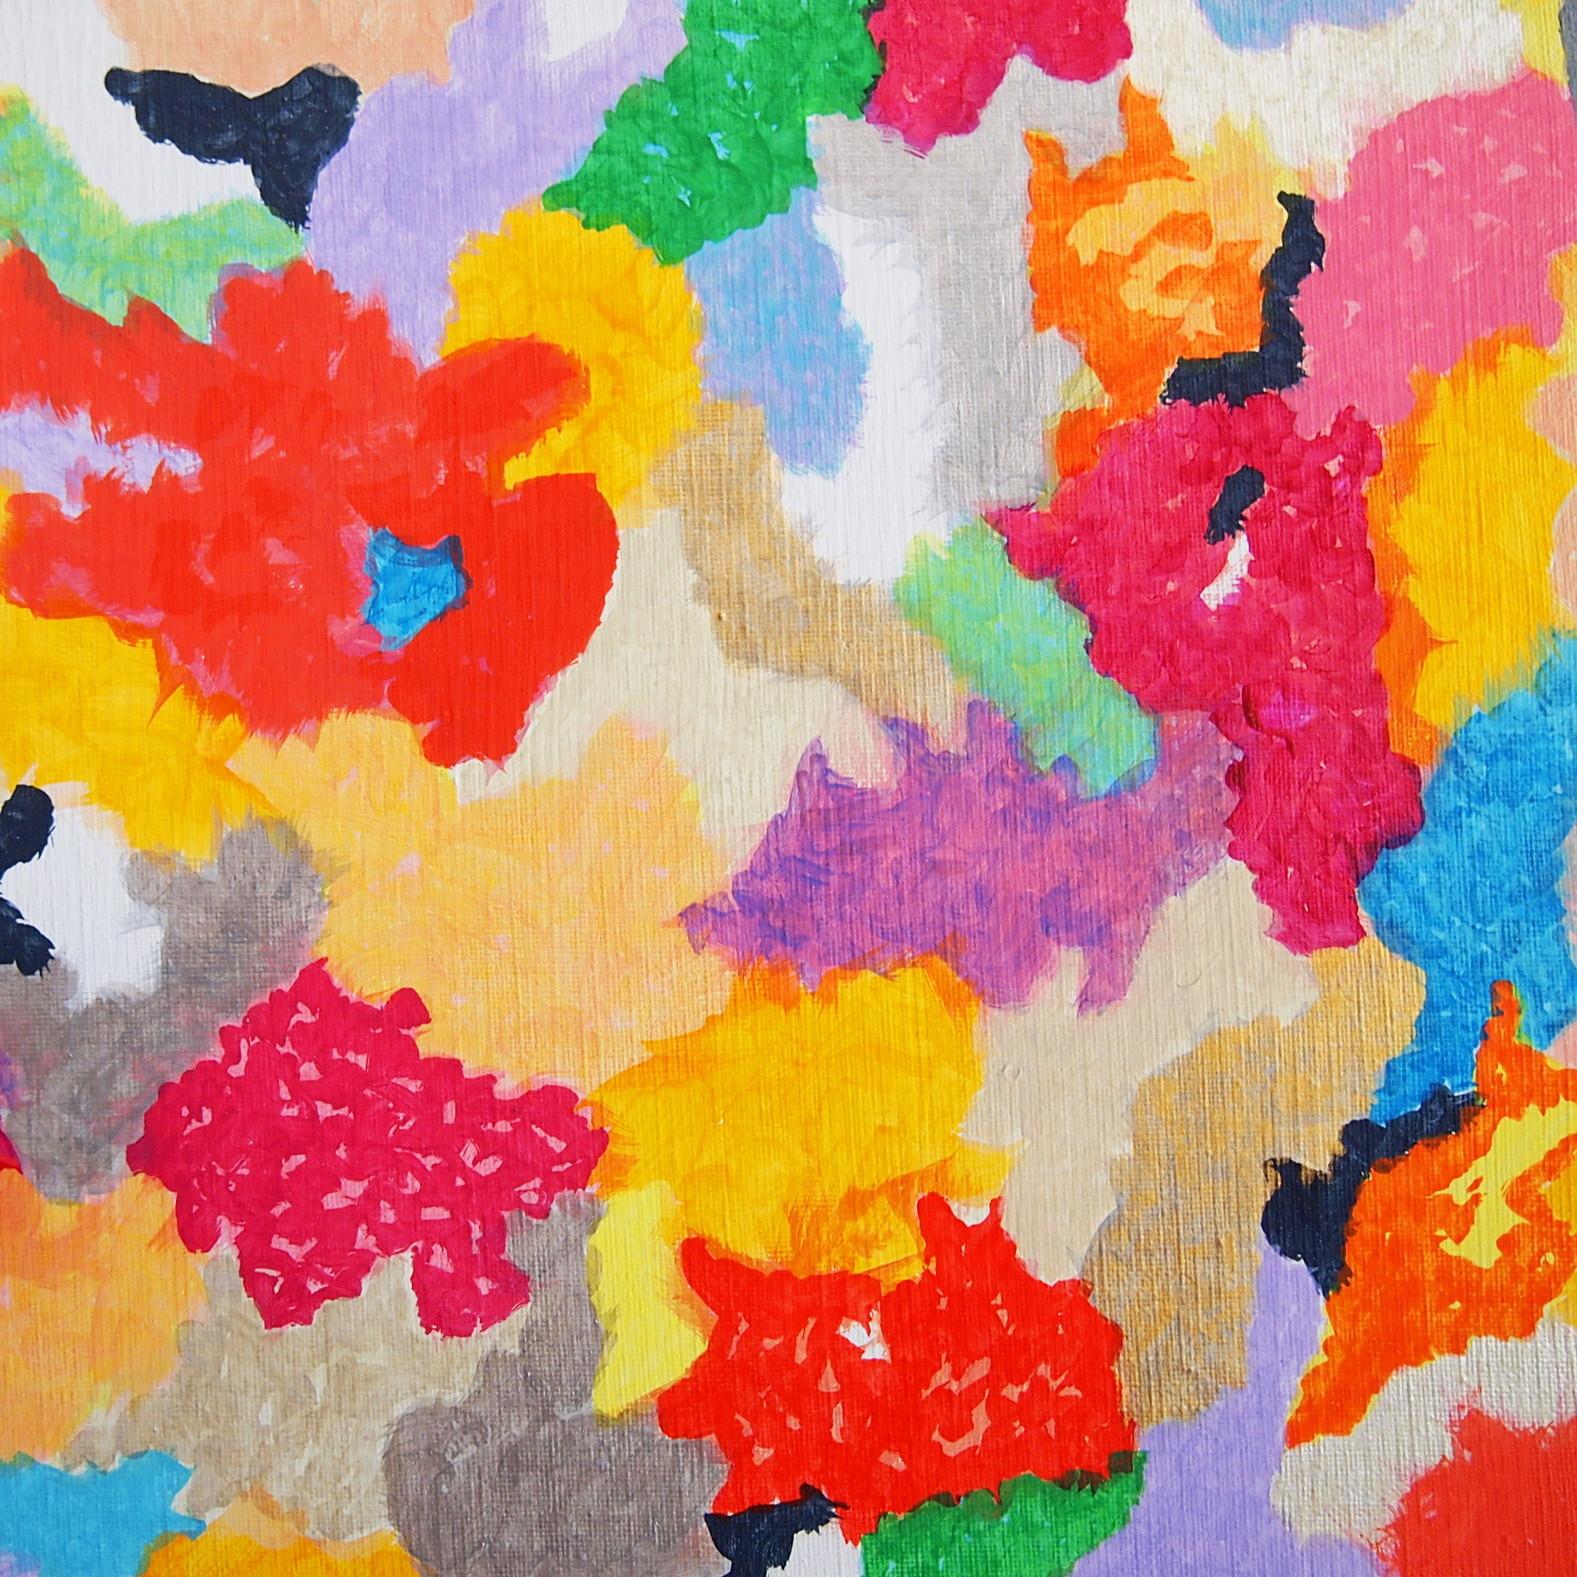 絵画 インテリア アートパネル 雑貨 壁掛け 置物 おしゃれ 現代アート 楽園 ロココロ 画家 : 眞野丘秋 作品 : 楽園のエネルギー #1